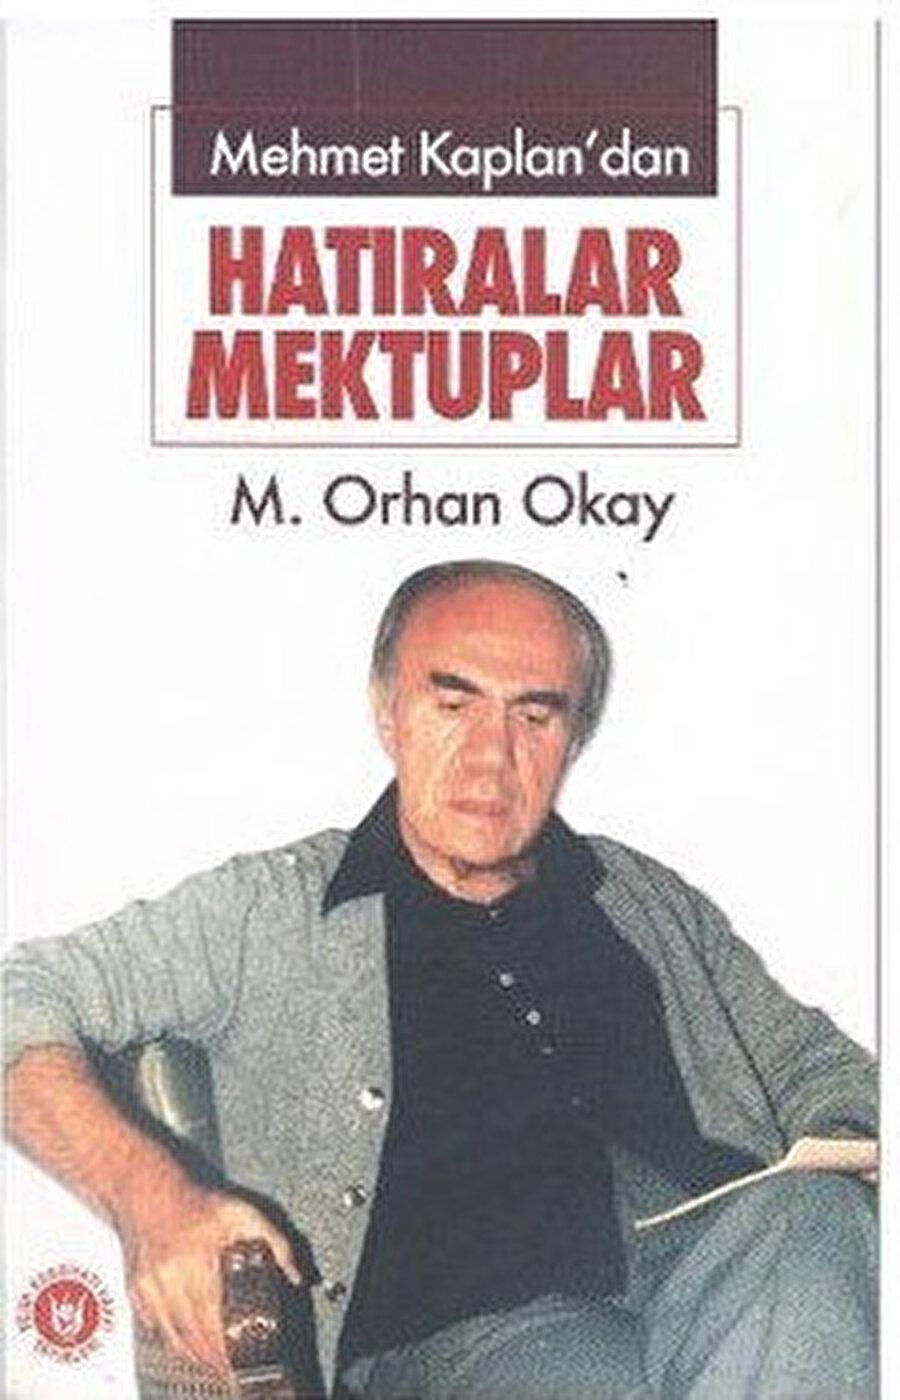 """Fuat Sezgin'in Orhan Okay'a 1950'li yıllarda """"Müslim'in Kaynakları"""" başlıklı bir tez yazdırma girişimi sonuçsuz kalmıştır."""